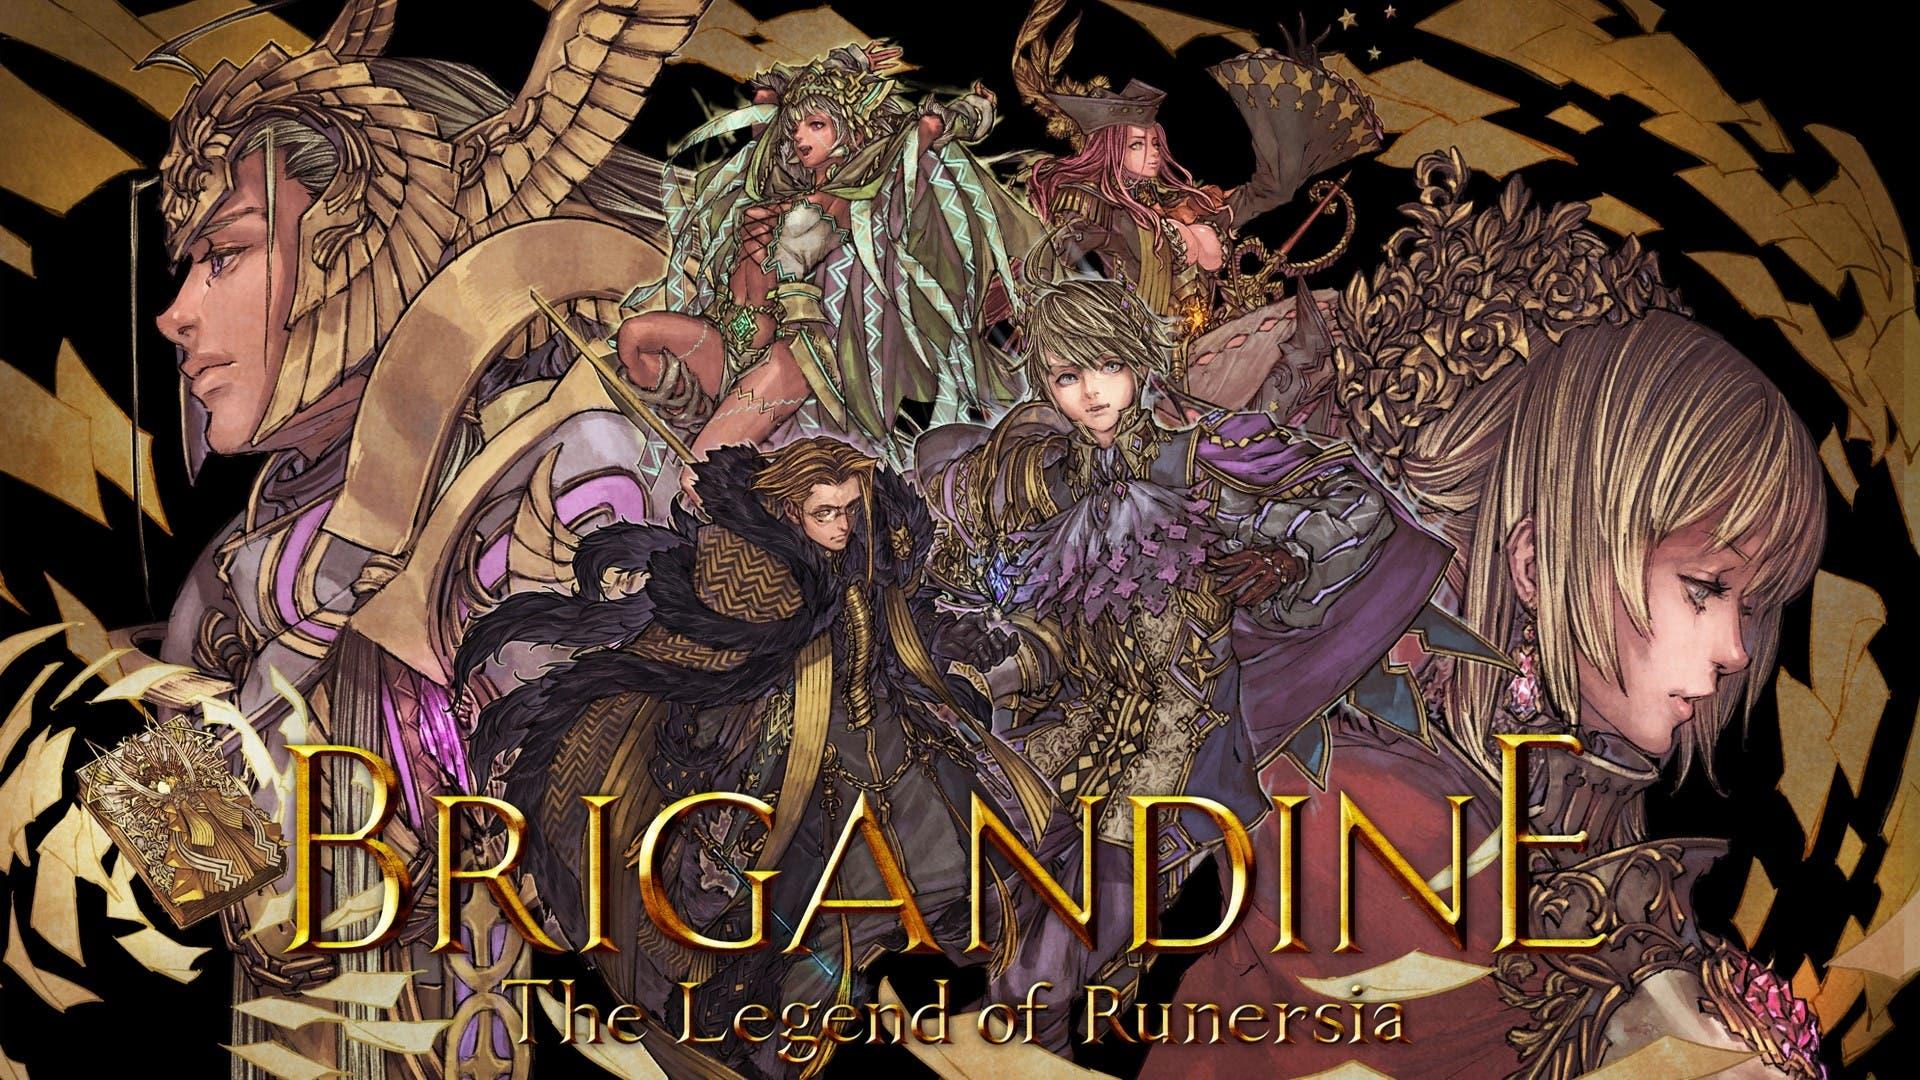 Brigandine: The Legend of Runersia se actualiza a la versión 1.0.2 corrigiendo diversos errores